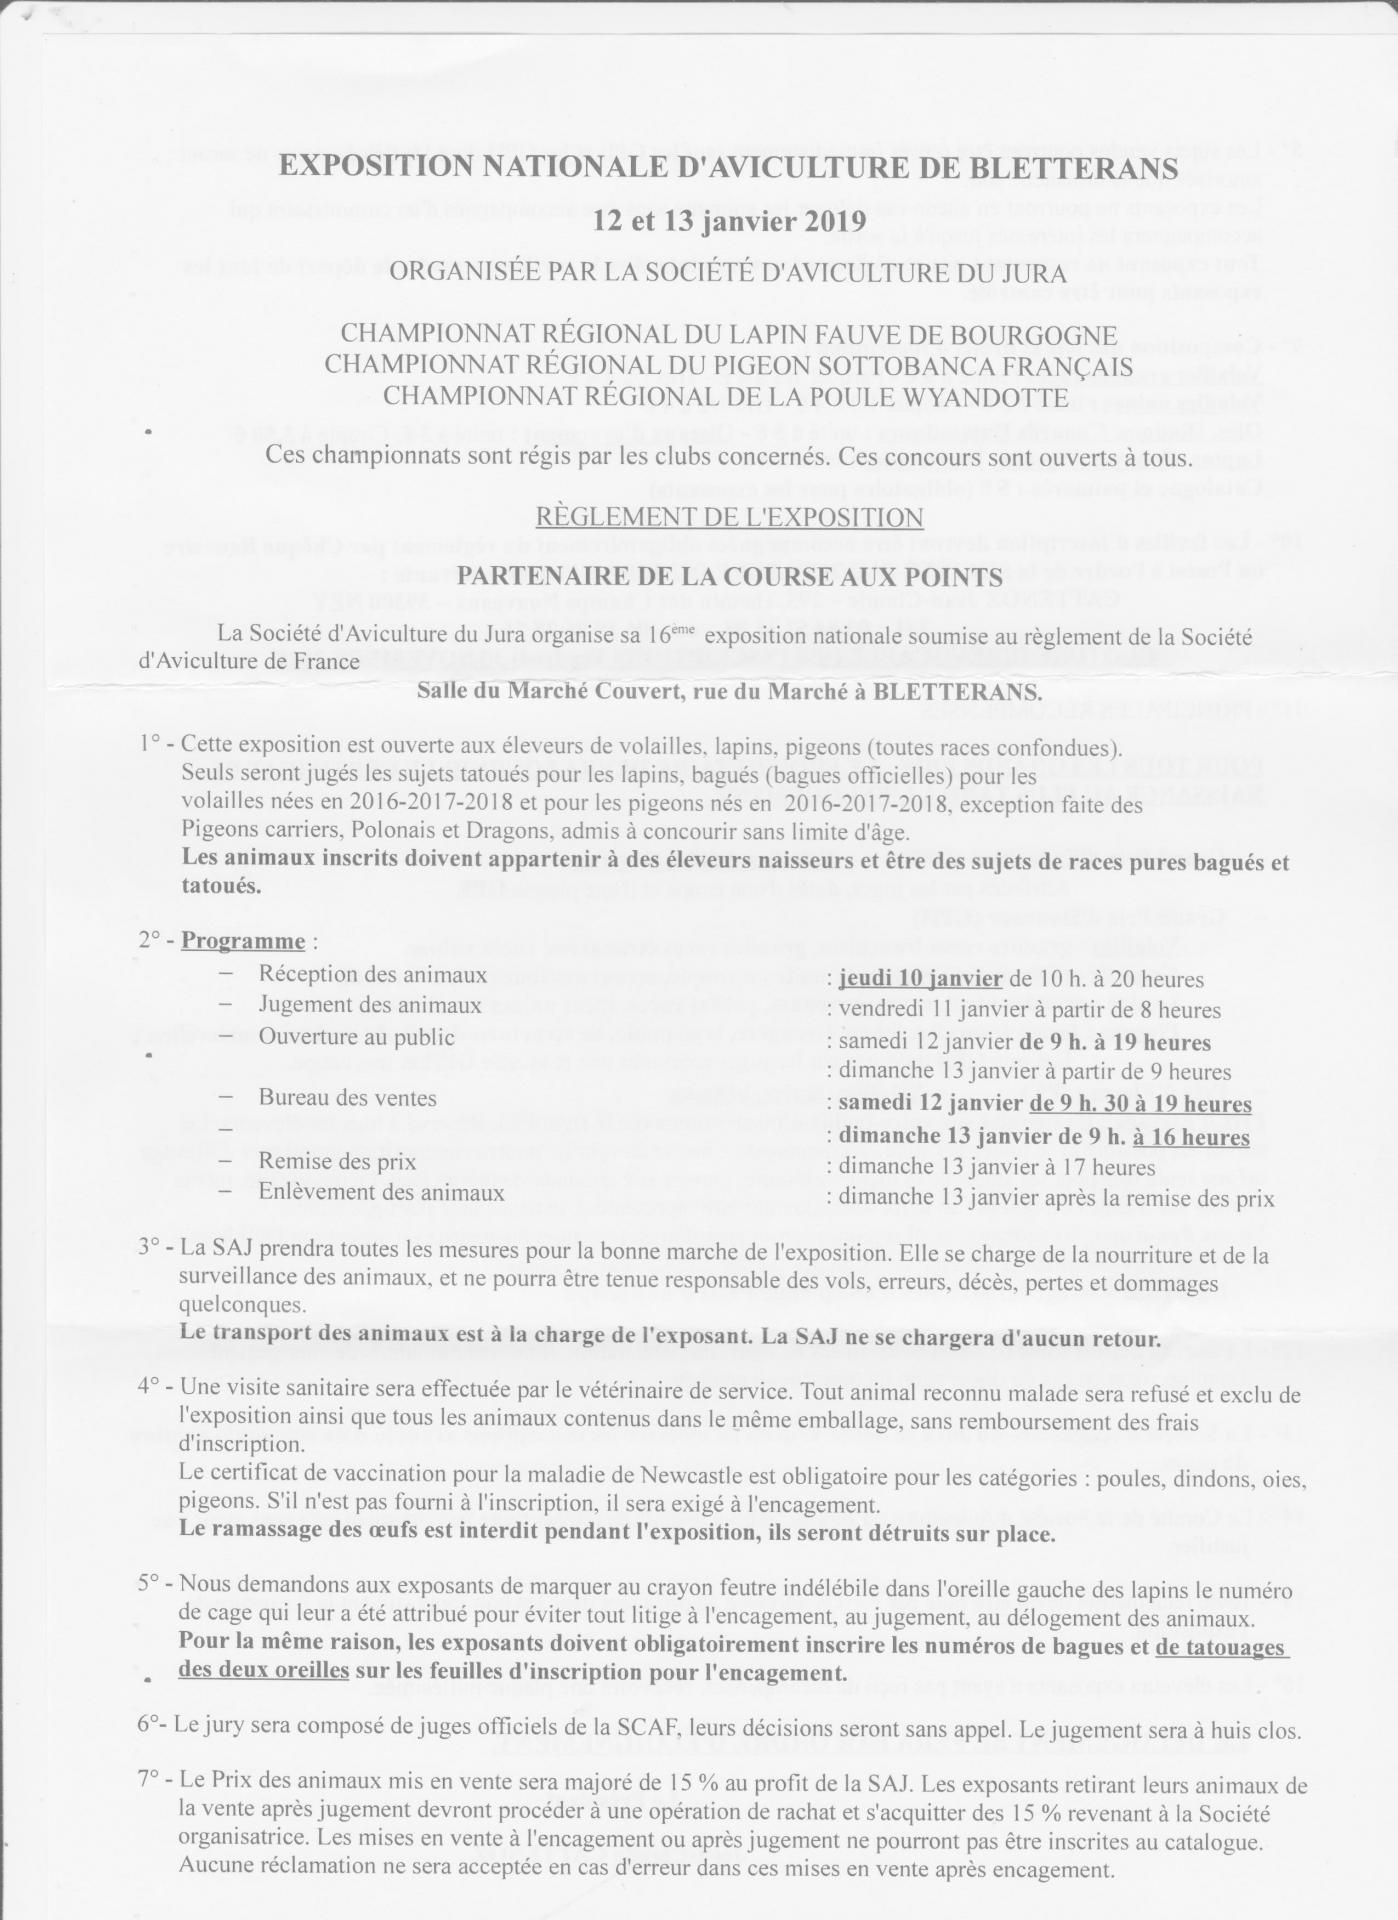 Bletterans 2019 reglement de l exposition 001